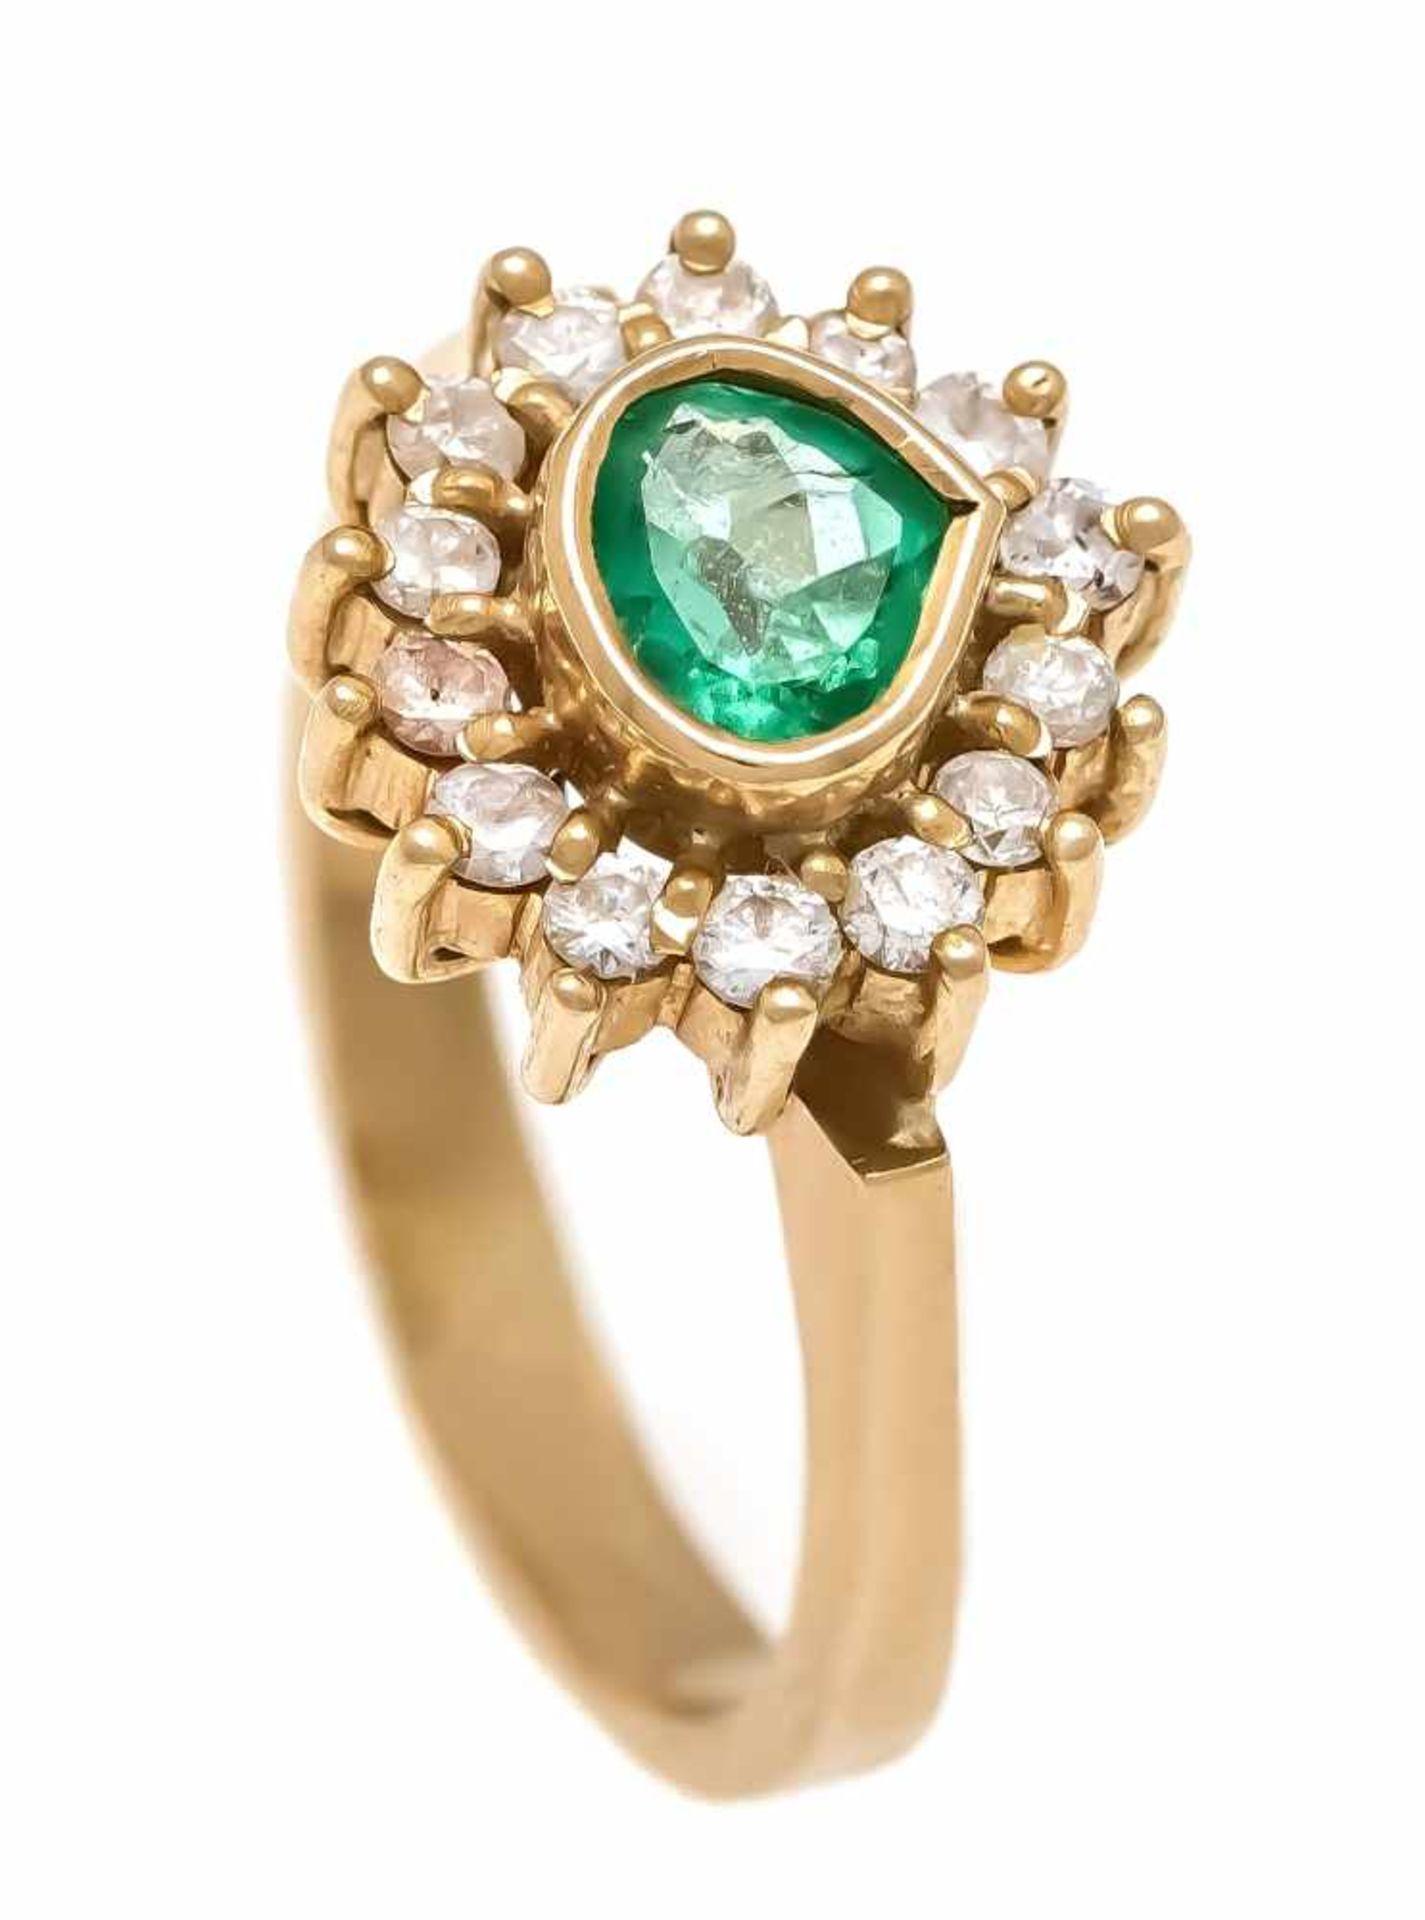 Ring GG 750/000 mit fac. weißen und grünem Schmuckstein, RG 47, 3,9 gRing GG 750/000 with fac. White